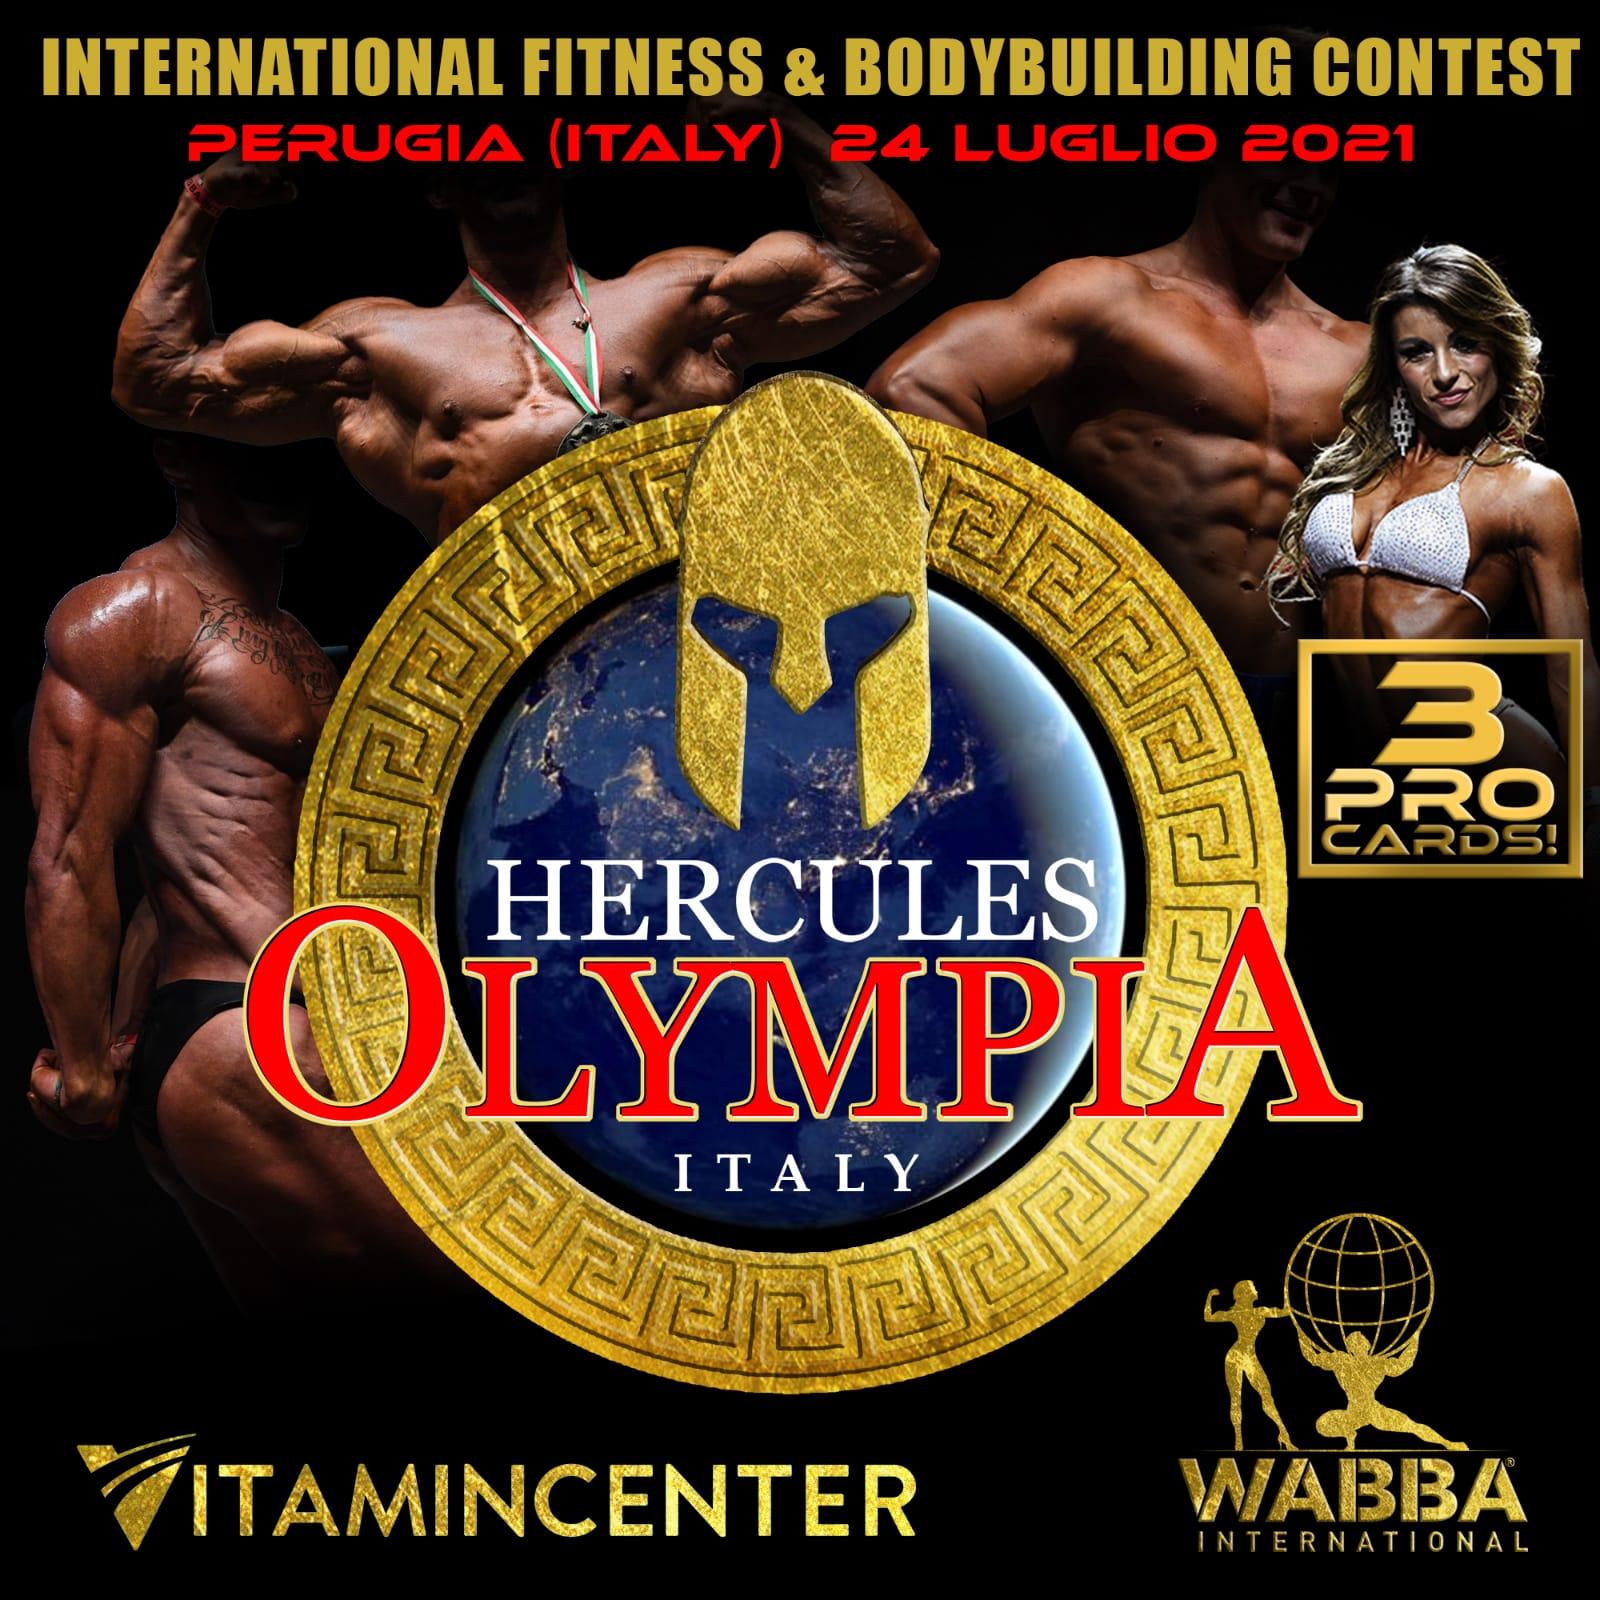 Hercules Olympia Italy July 2021